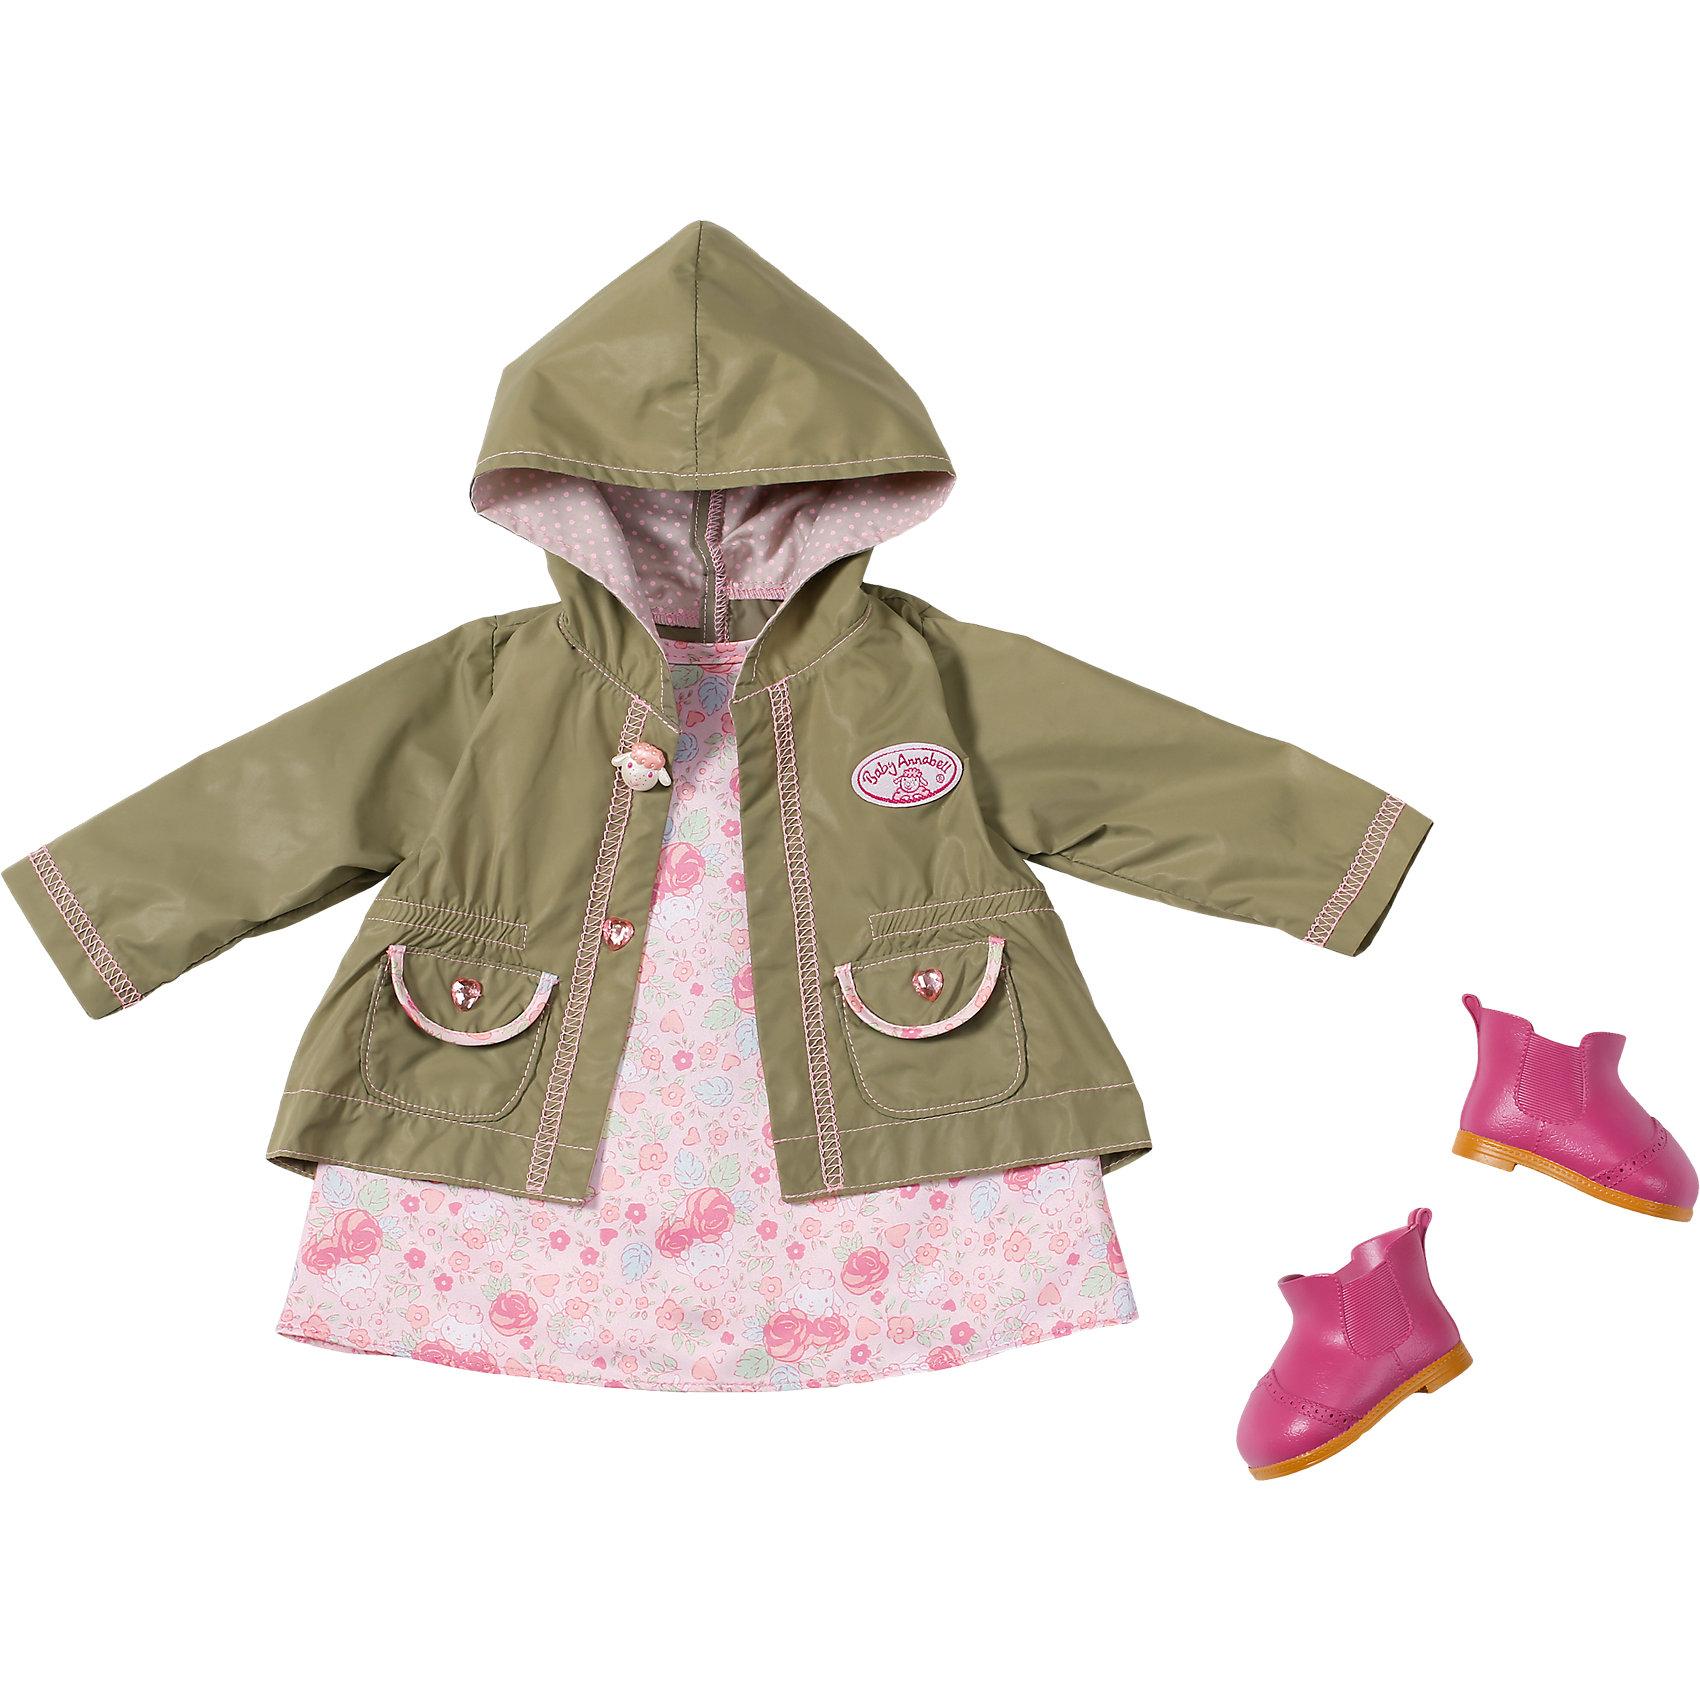 Одежда демисезонная, Baby AnnabellОдежда для кукол<br>Прекрасная одежда для самой любимой куклы на свете! В комплект входит чудесное розовое платьице с нежным цветочным принтом, курточка с капюшоном на случай небольшого дождя и очаровательные резиновые сапожки малинового цвета. <br><br>Дополнительная информация:<br><br>- Материал: текстиль.<br>- Комплектация: платье, плащ, сапоги.<br>- Цвет: розовый, серо-зеленый. <br><br>Одежду демисезонную, Baby Annabell (Беби Анабель), можно купить в нашем магазине.<br><br>Ширина мм: 366<br>Глубина мм: 320<br>Высота мм: 83<br>Вес г: 420<br>Возраст от месяцев: 36<br>Возраст до месяцев: 60<br>Пол: Женский<br>Возраст: Детский<br>SKU: 4319346